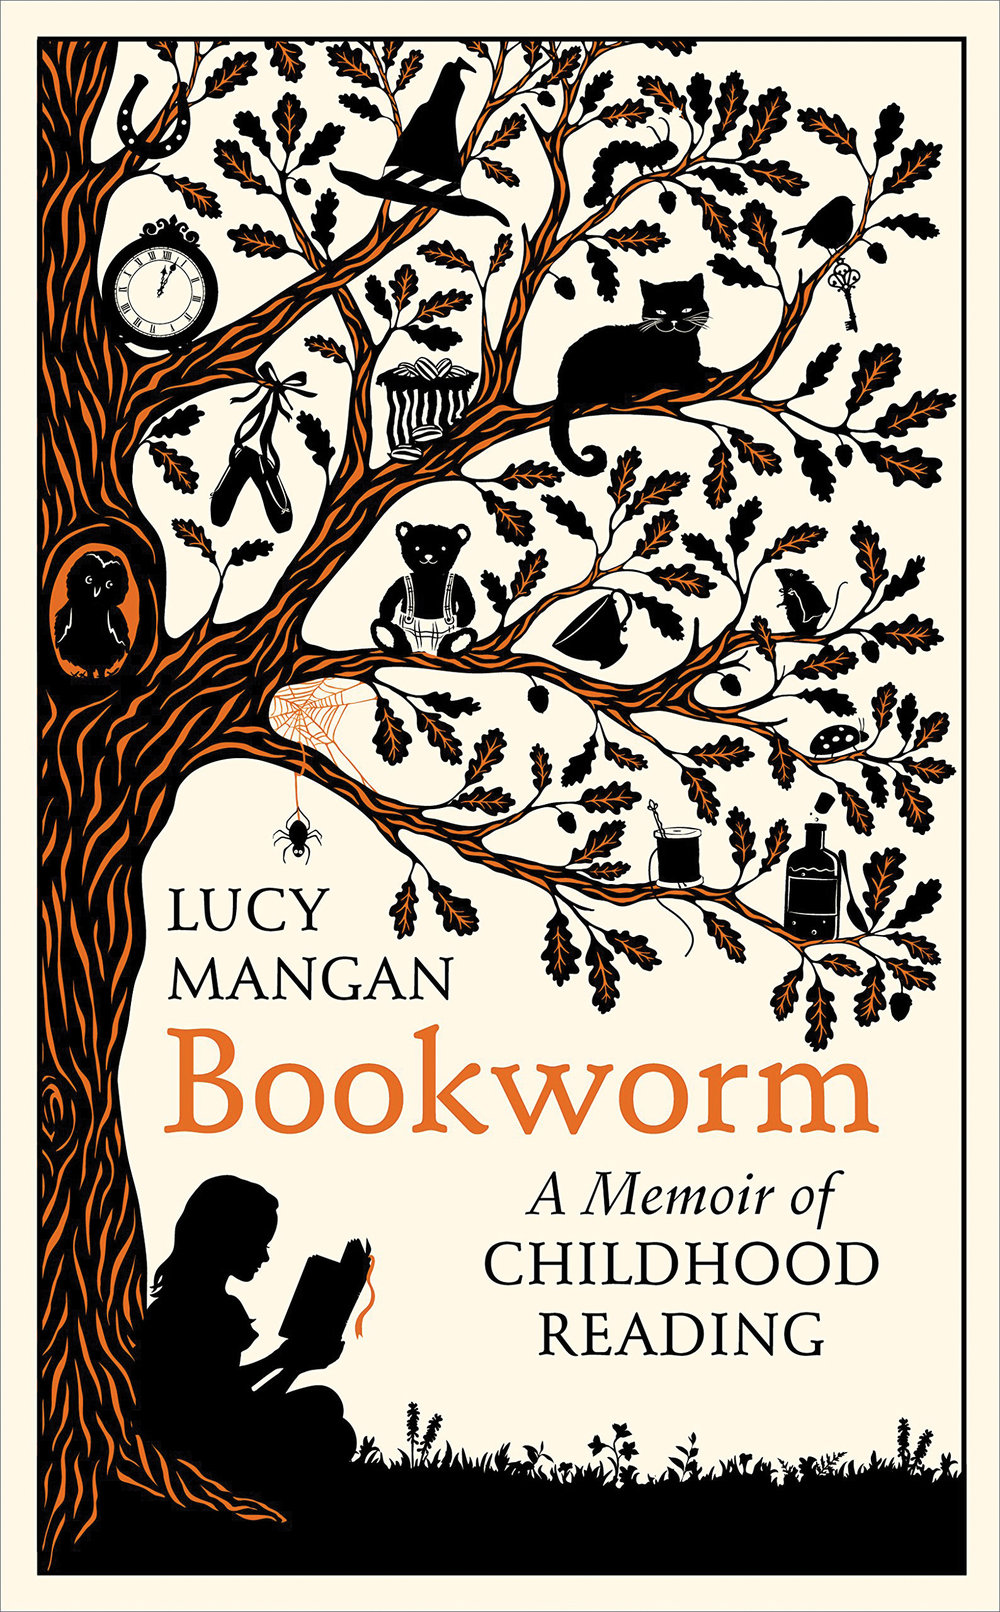 BOOKWORM Bookworm.jpg